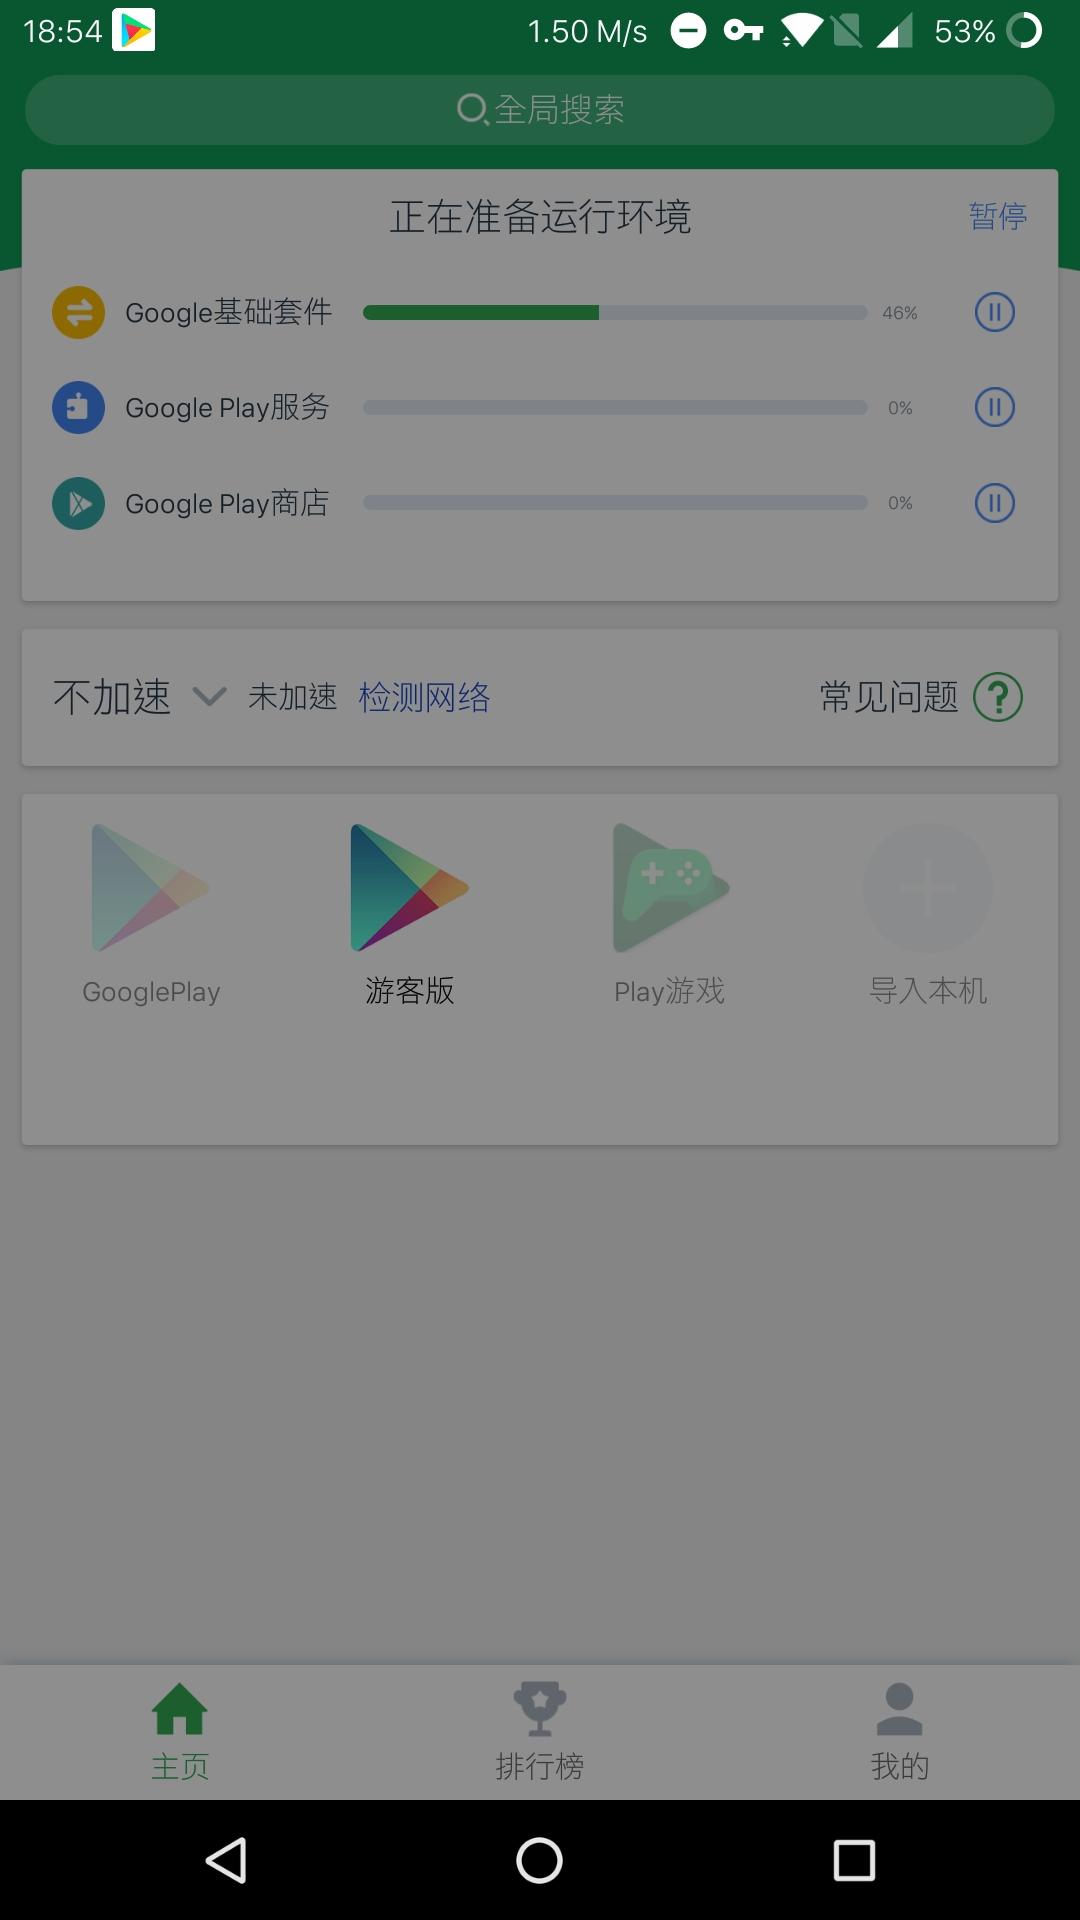 Screenshot_20180618-185451.jpg